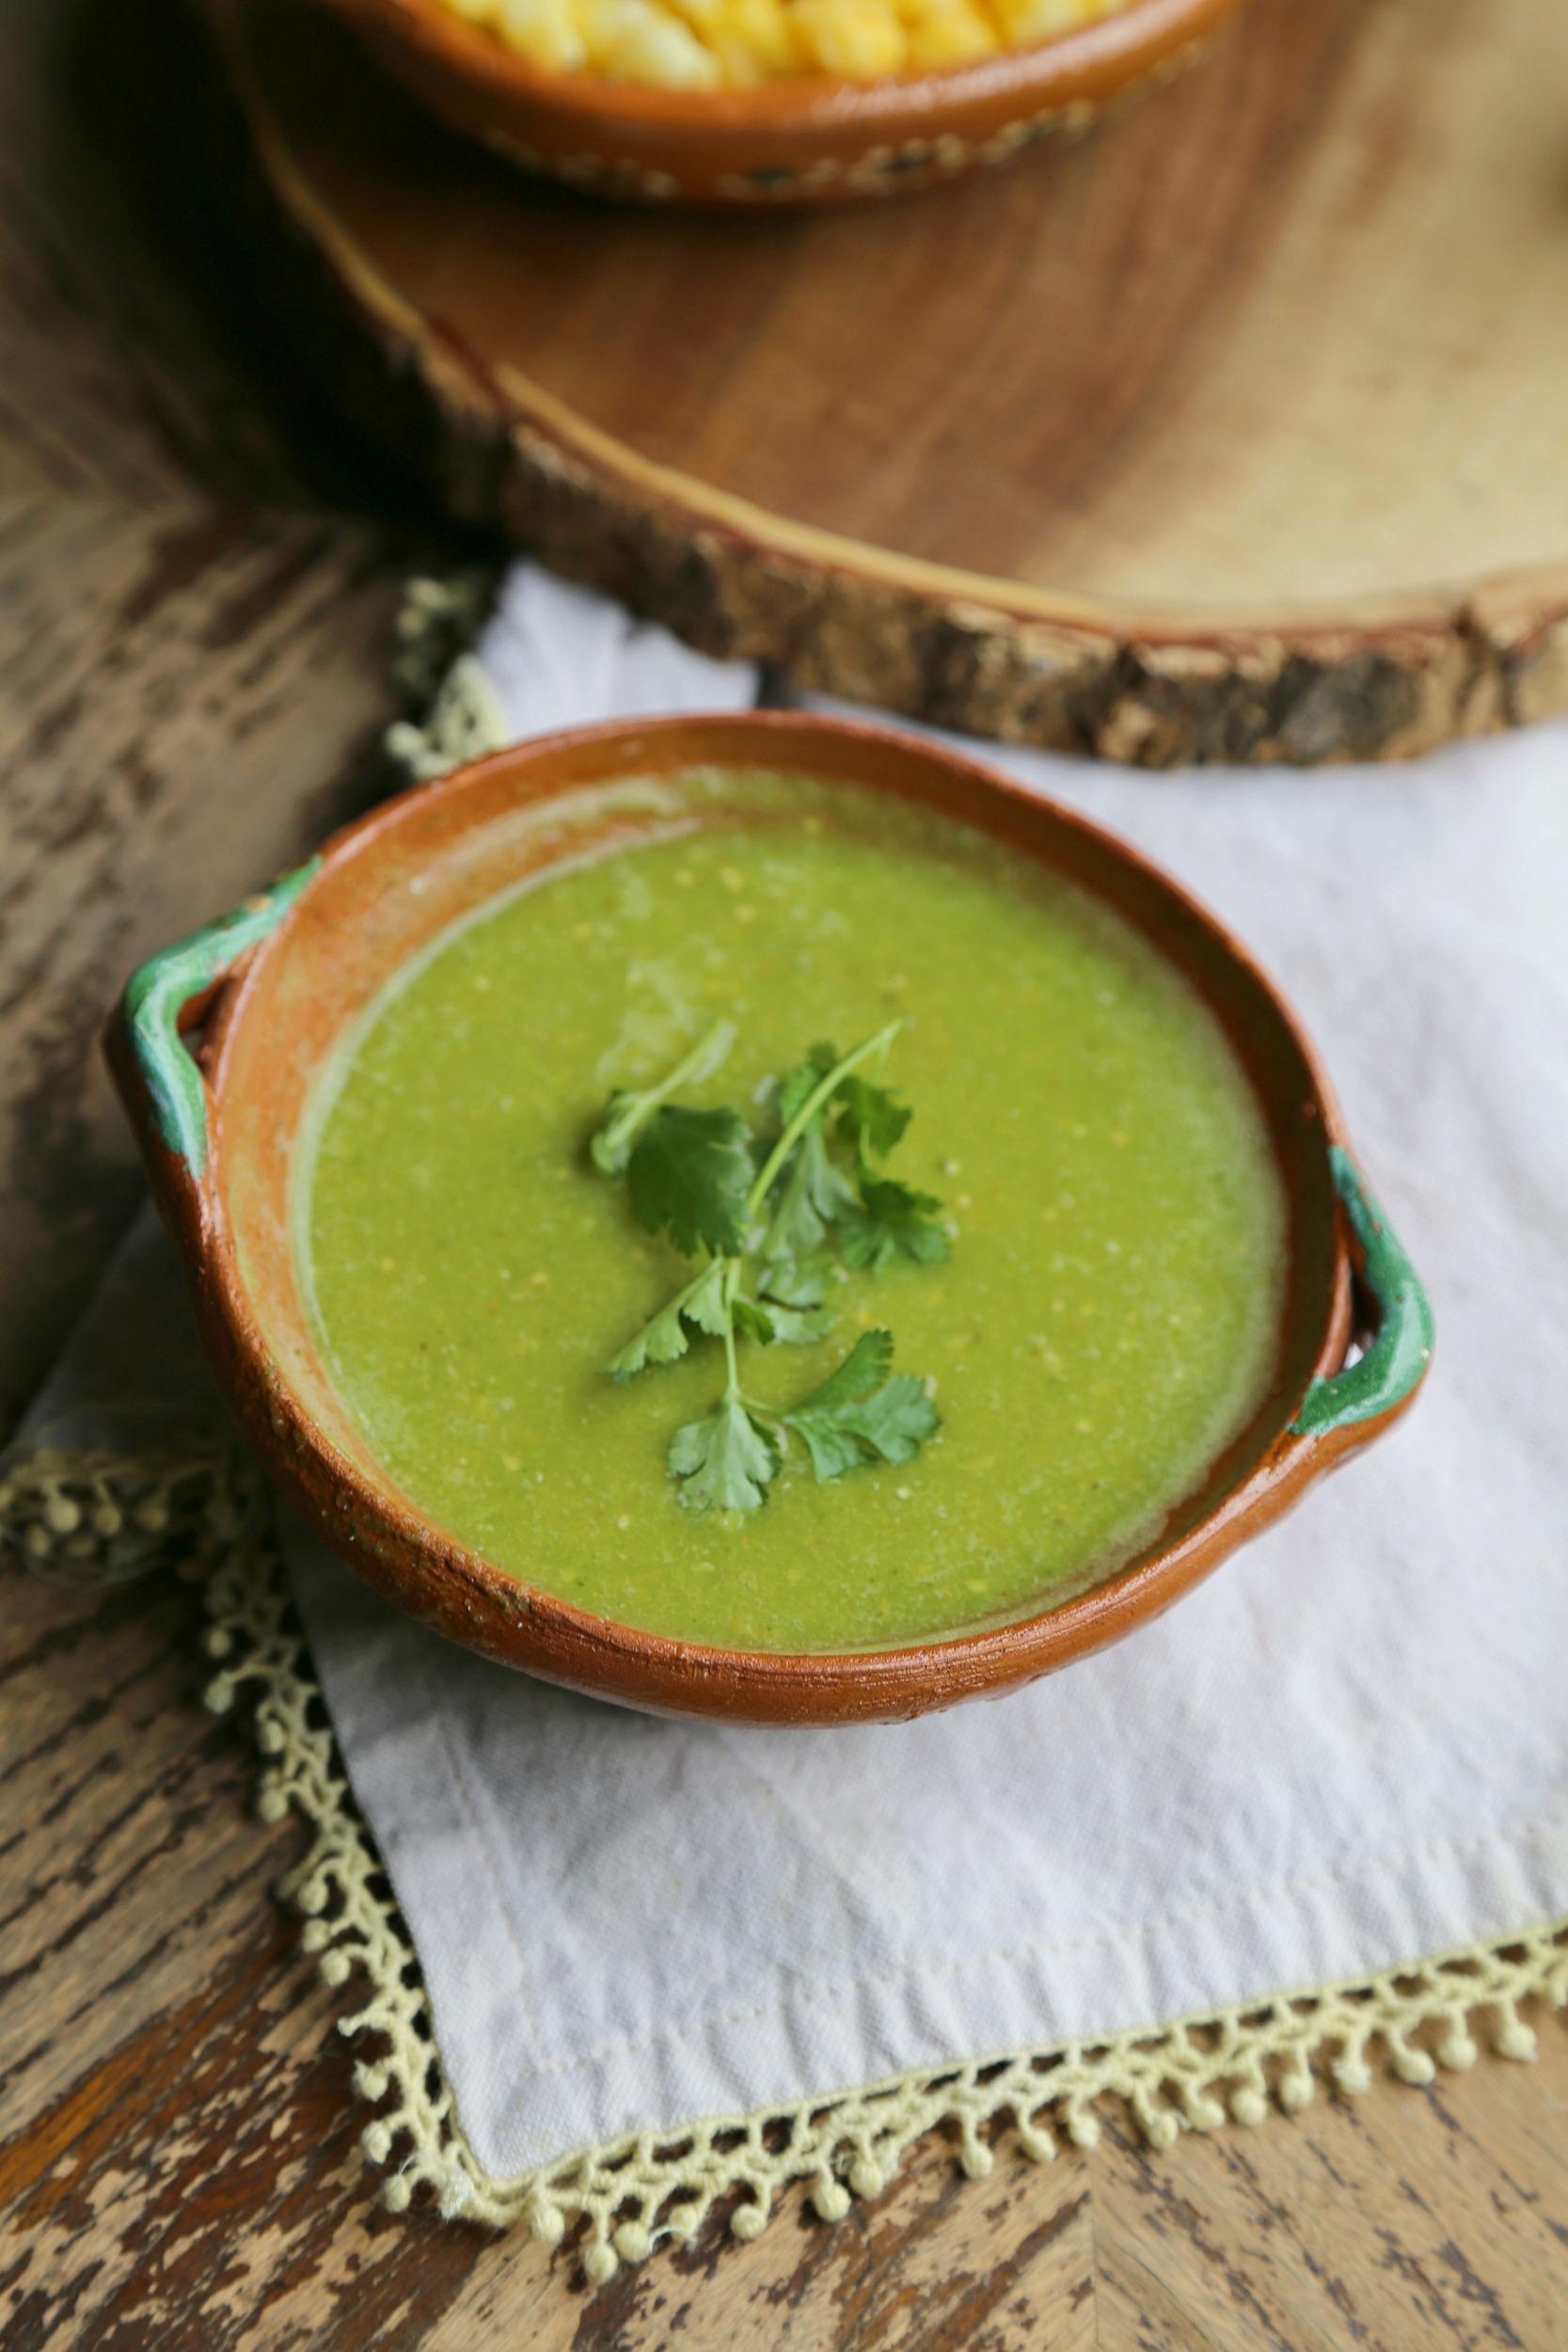 easy-verde-sauce-vianneyrodriguez-sweetlifebake